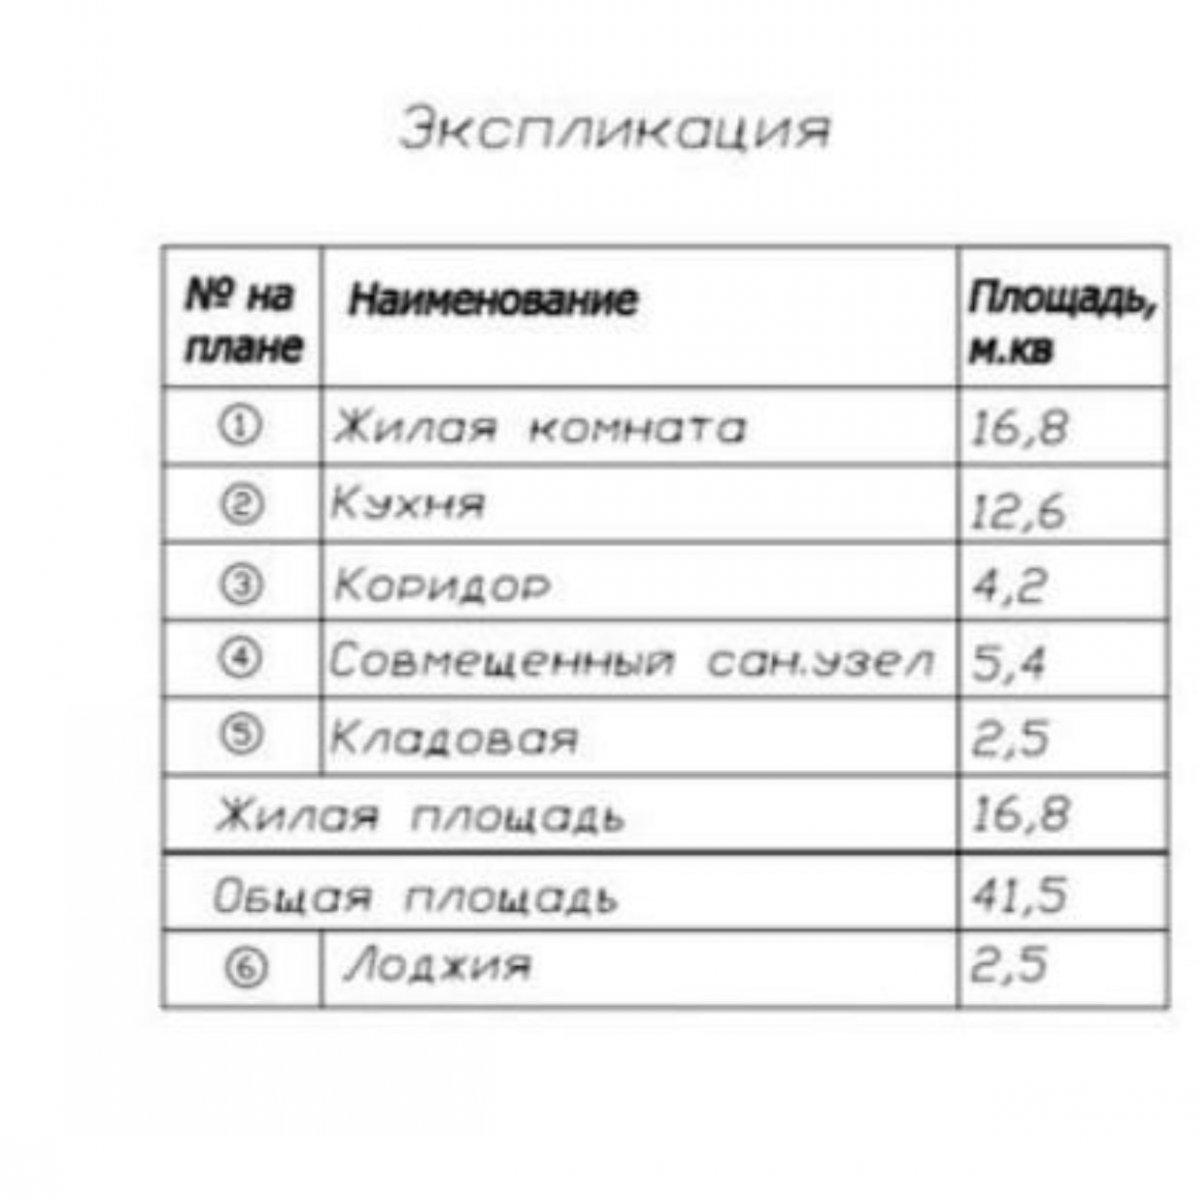 Советский (Усть-Славянка) просп., д 39, корпус 1,  стр. 1